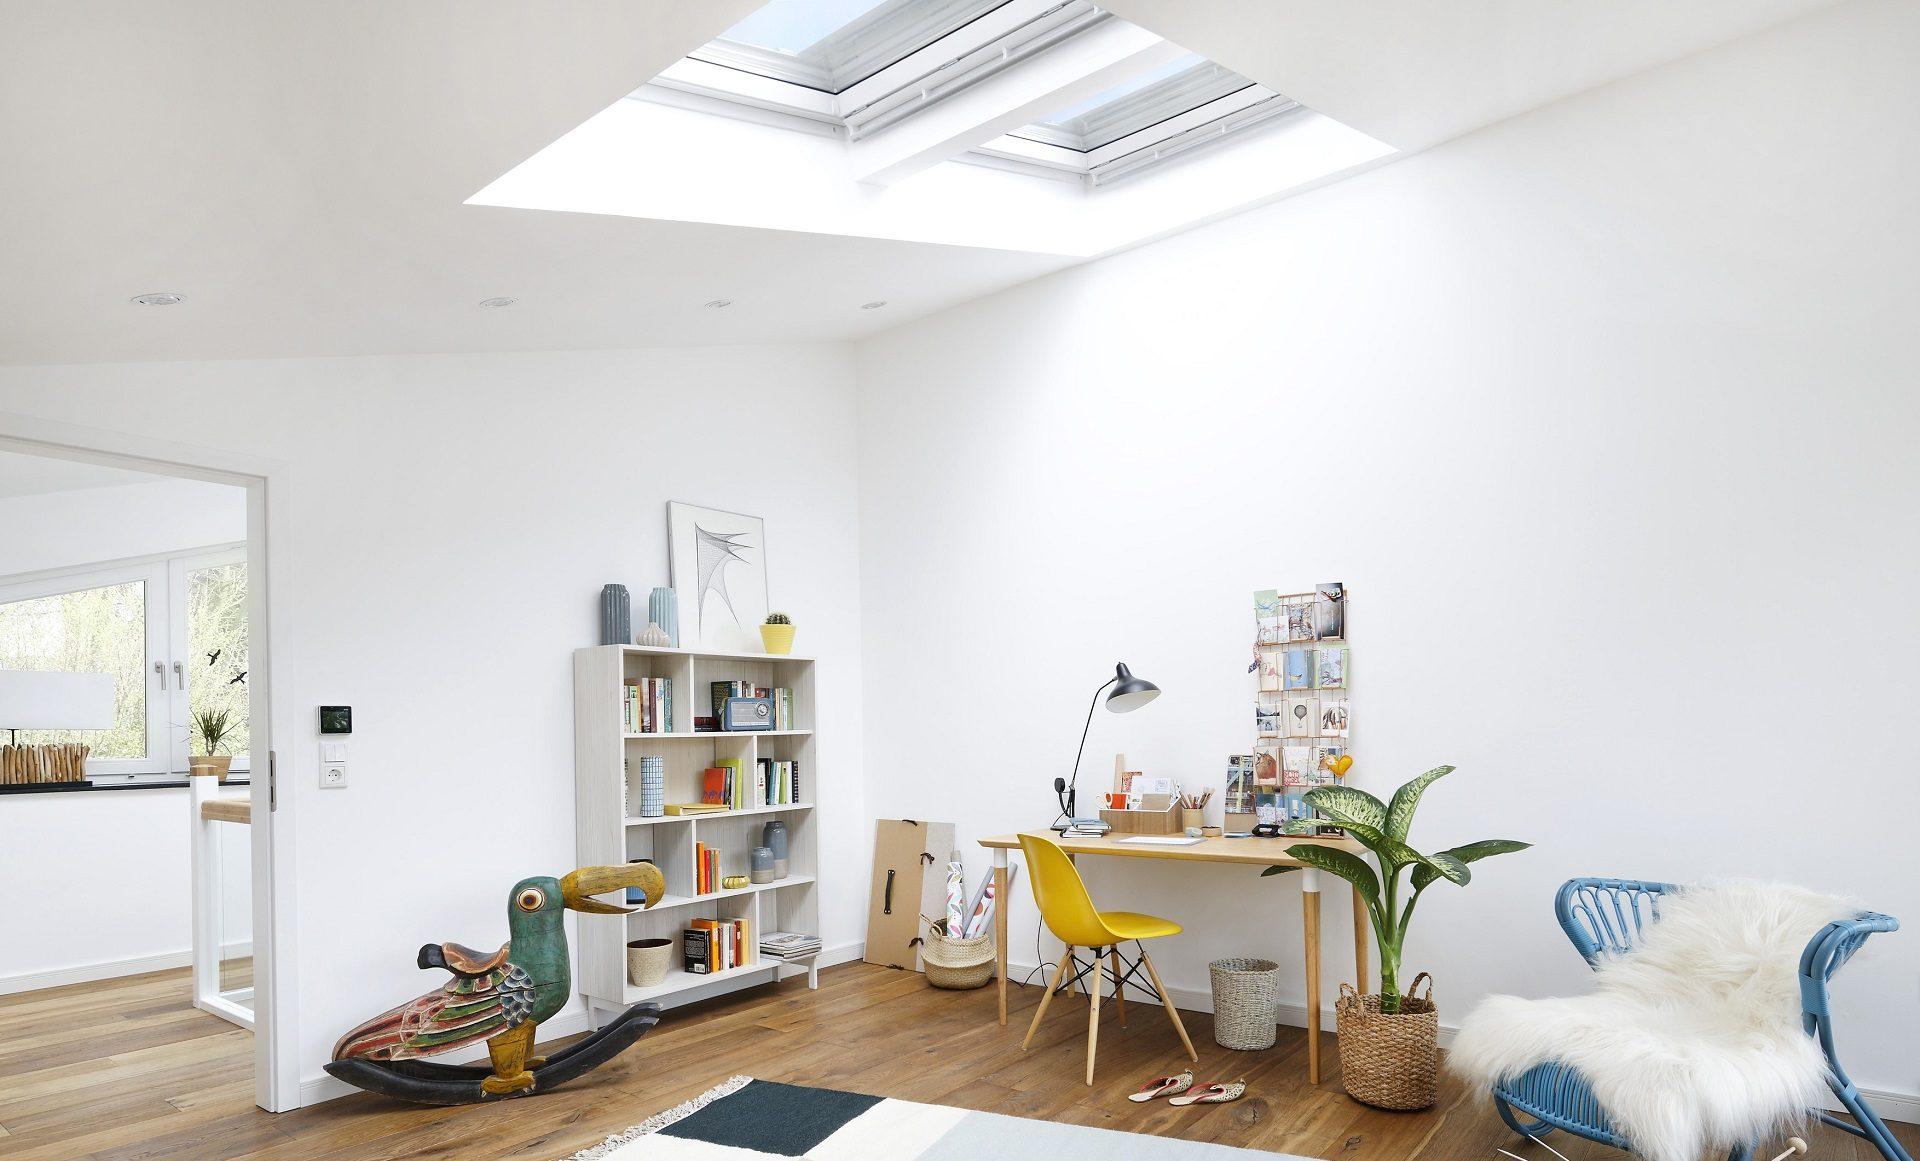 Uno studio illuminato da finestre per tetti